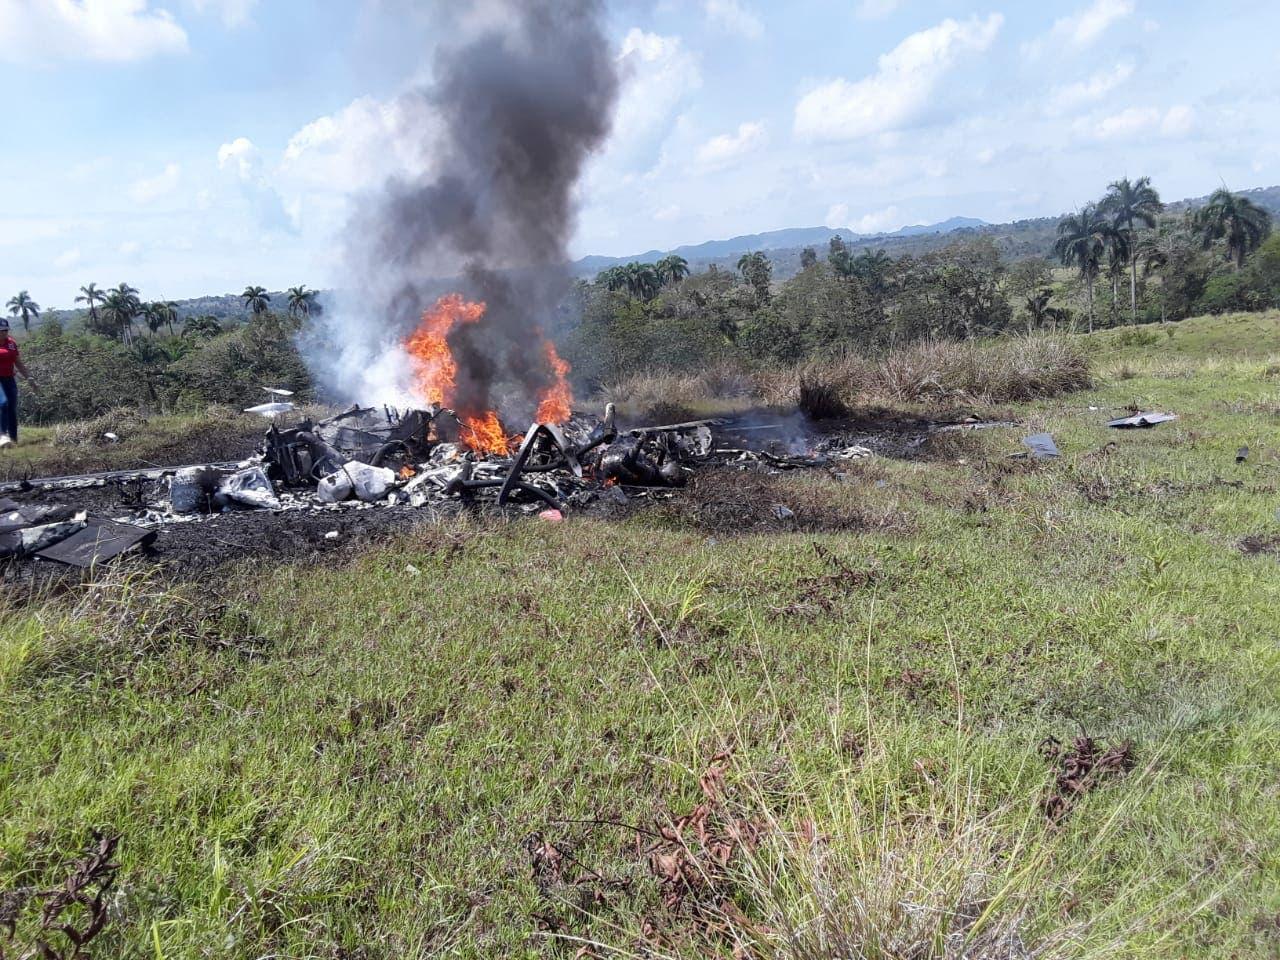 El helicóptero quedó totalmente destruido.